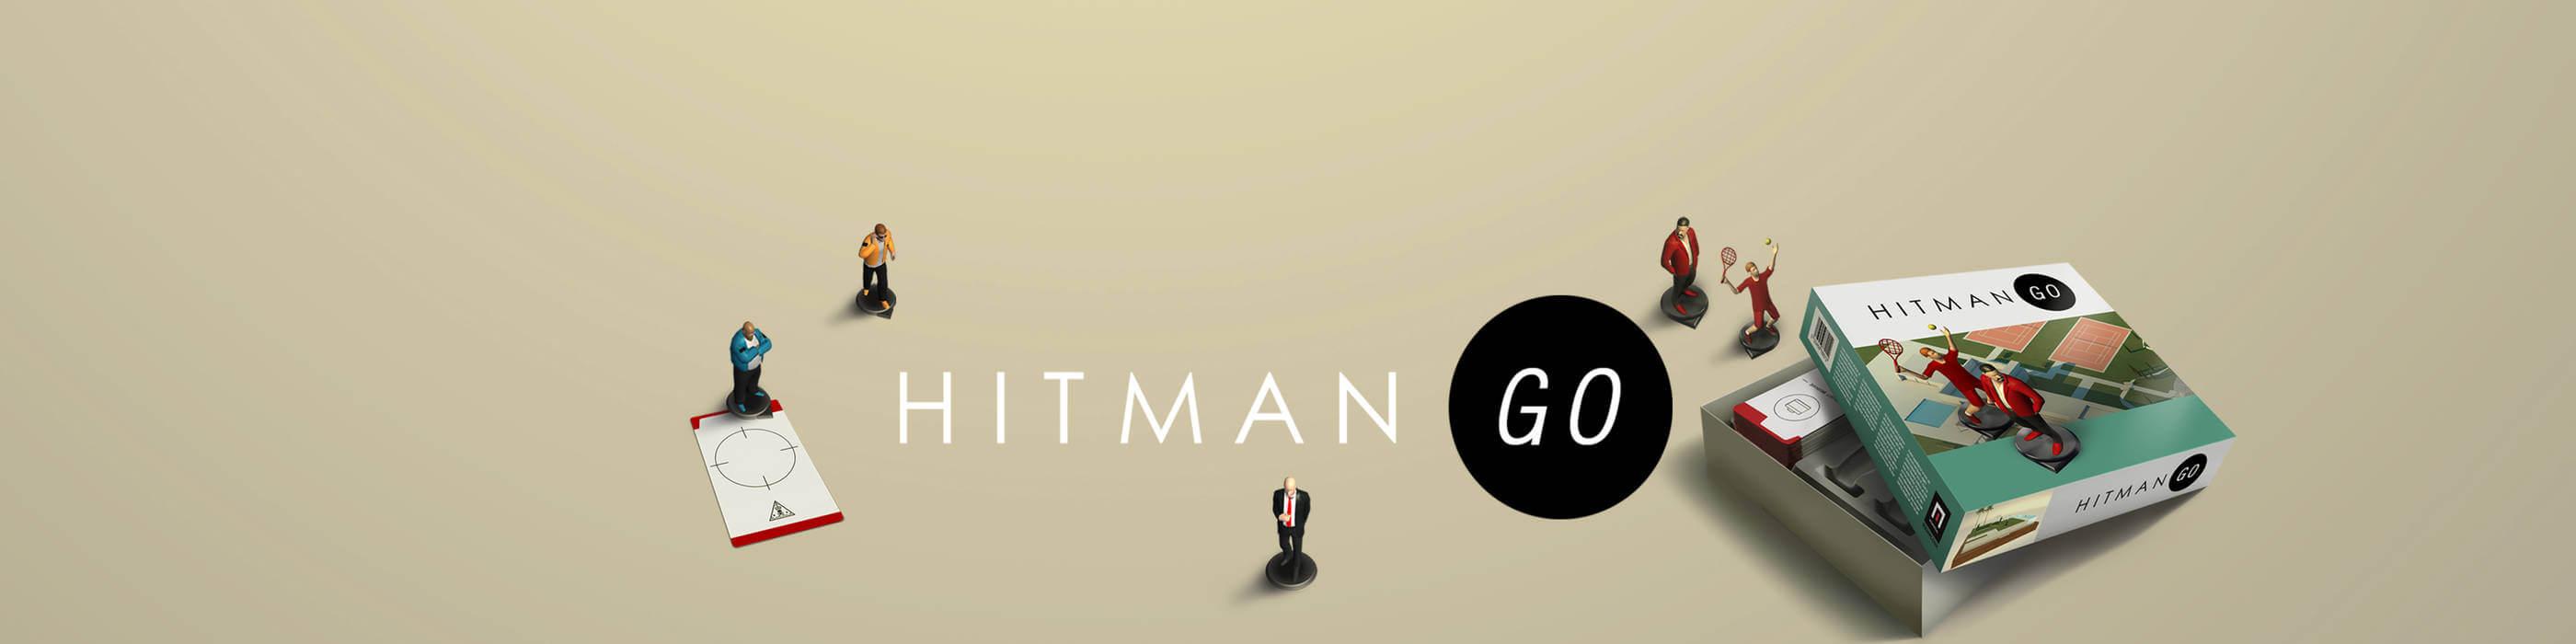 [已购]Hitman GO-草蜢资源